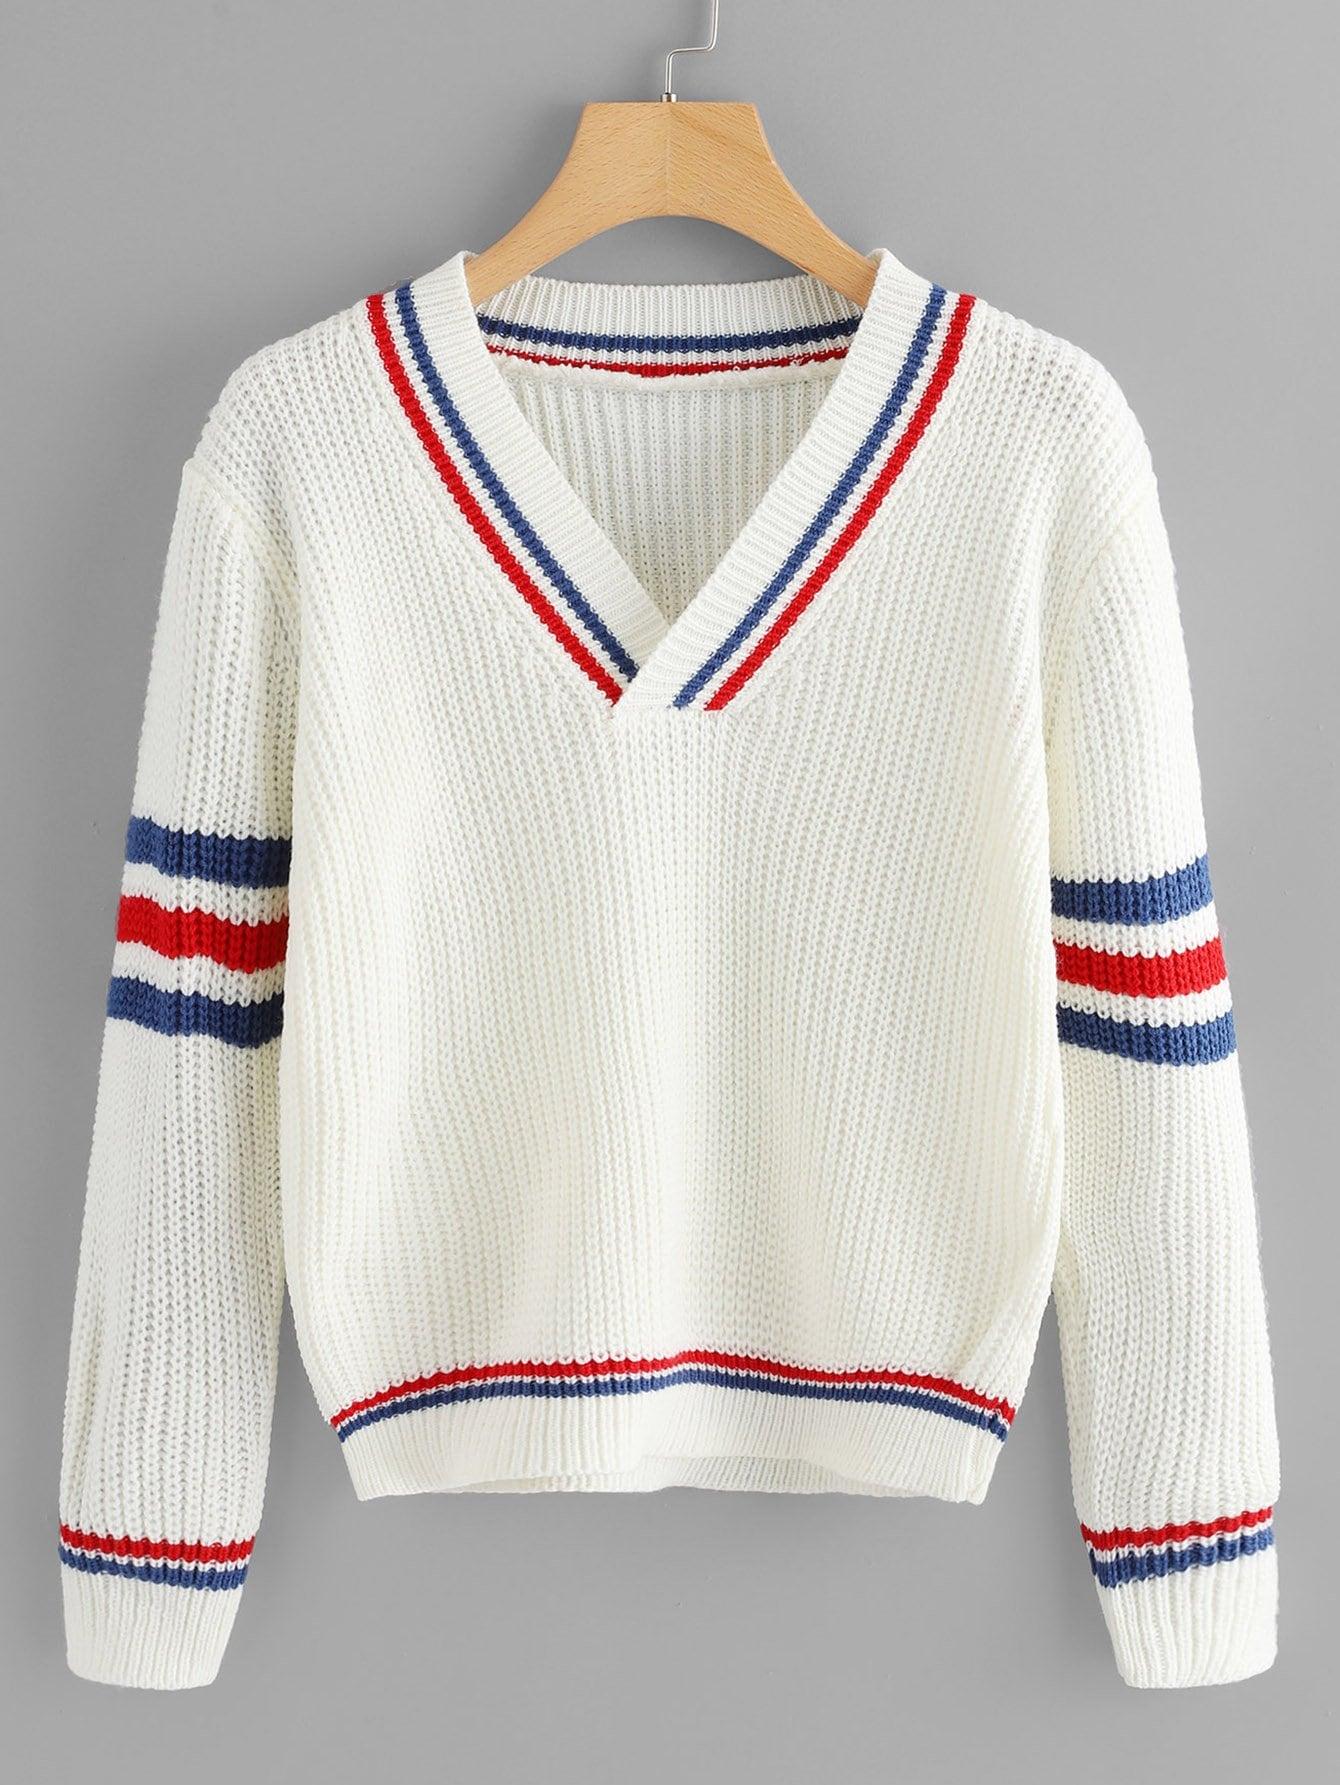 Купить Трикотажный свитер с v-образным воротником, null, SheIn